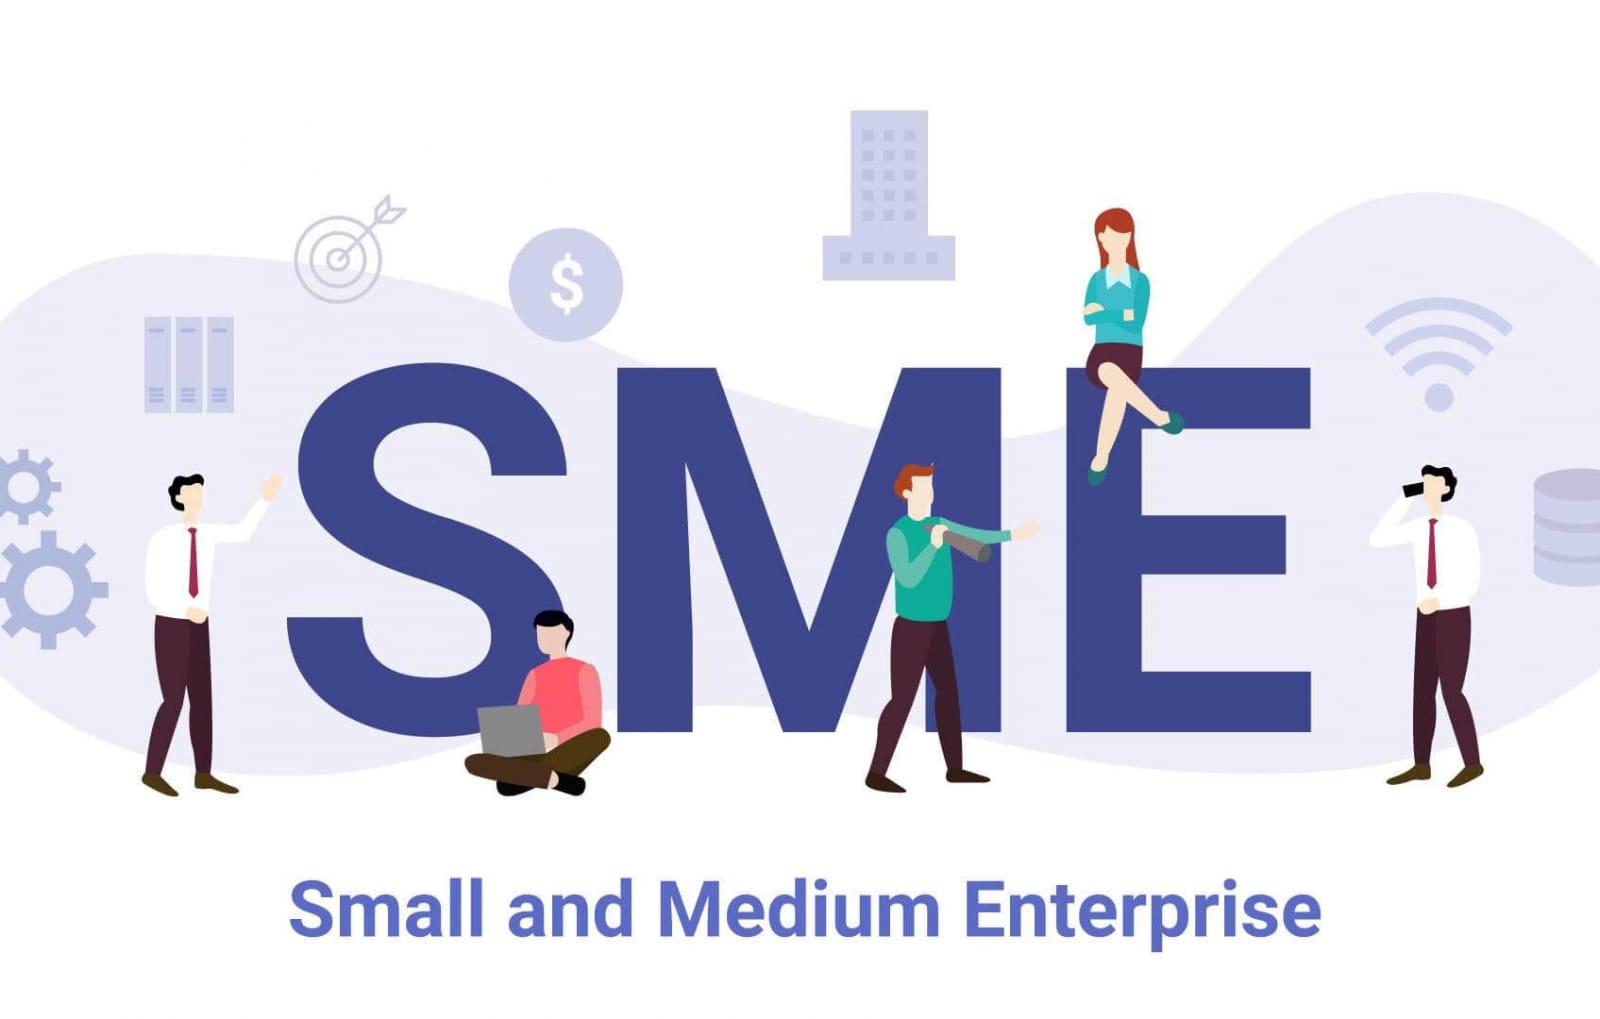 Doanh nghiệp SME là gì? Đặc điểm và tiêu chí xác định doanh nghiệp SME?